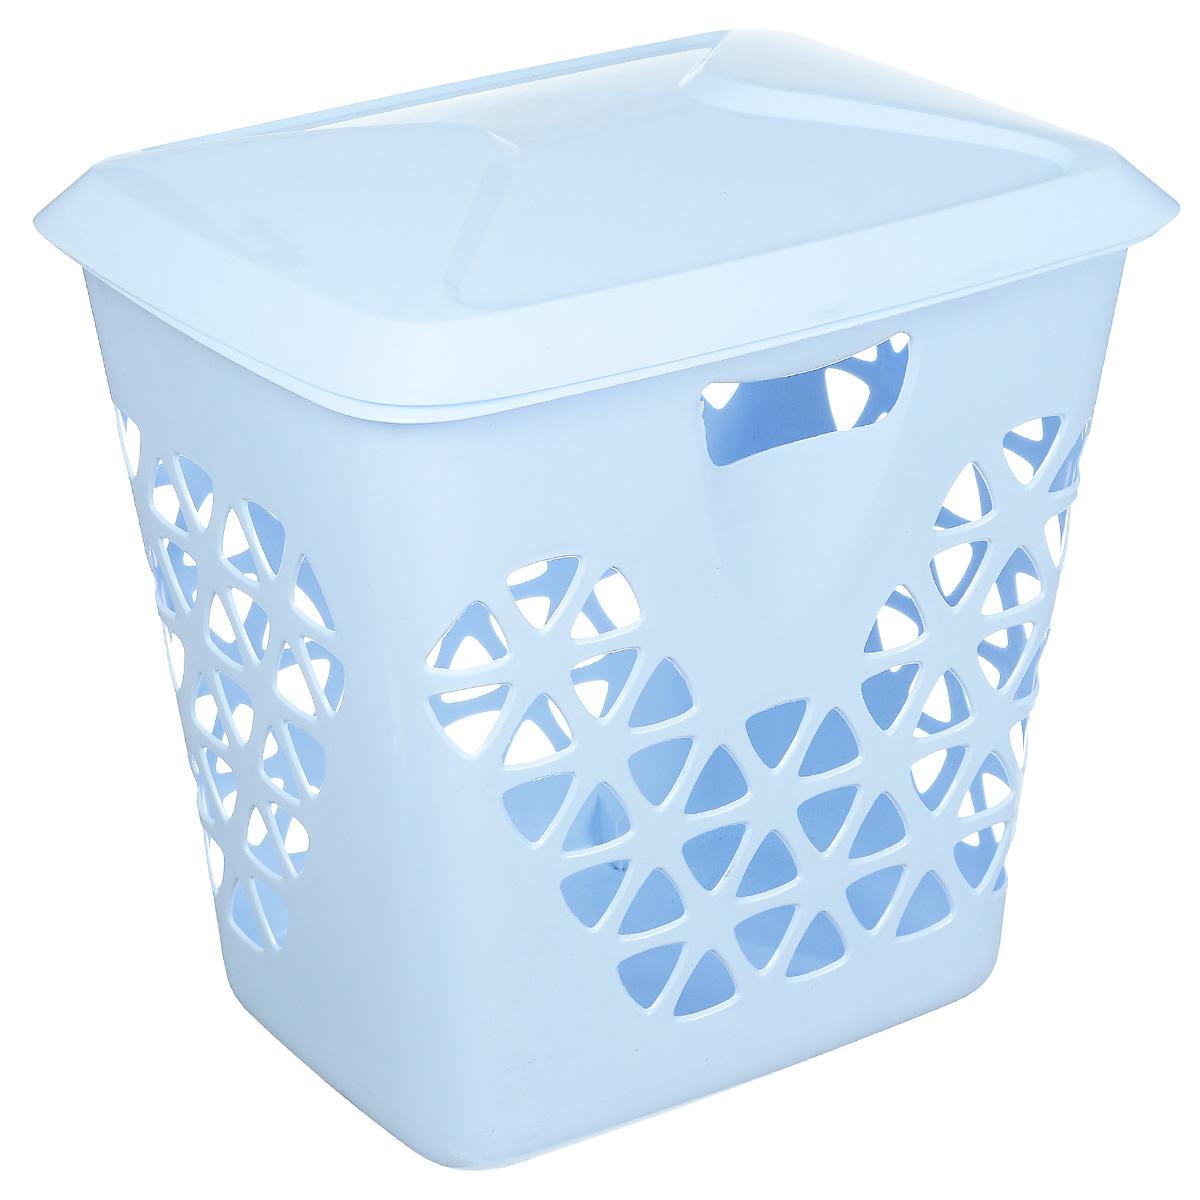 Корзина для белья Idea Венеция, цвет: голубой, 45 лRG-D31SВместительная корзина для белья Idea Венеция изготовлена из прочного пластика. Она отлично подойдет для хранения белья перед стиркой. Специальные отверстия на стенках создают идеальные условия для проветривания. Изделие оснащено крышкой. Такая корзина для белья прекрасно впишется в интерьер ванной комнаты.